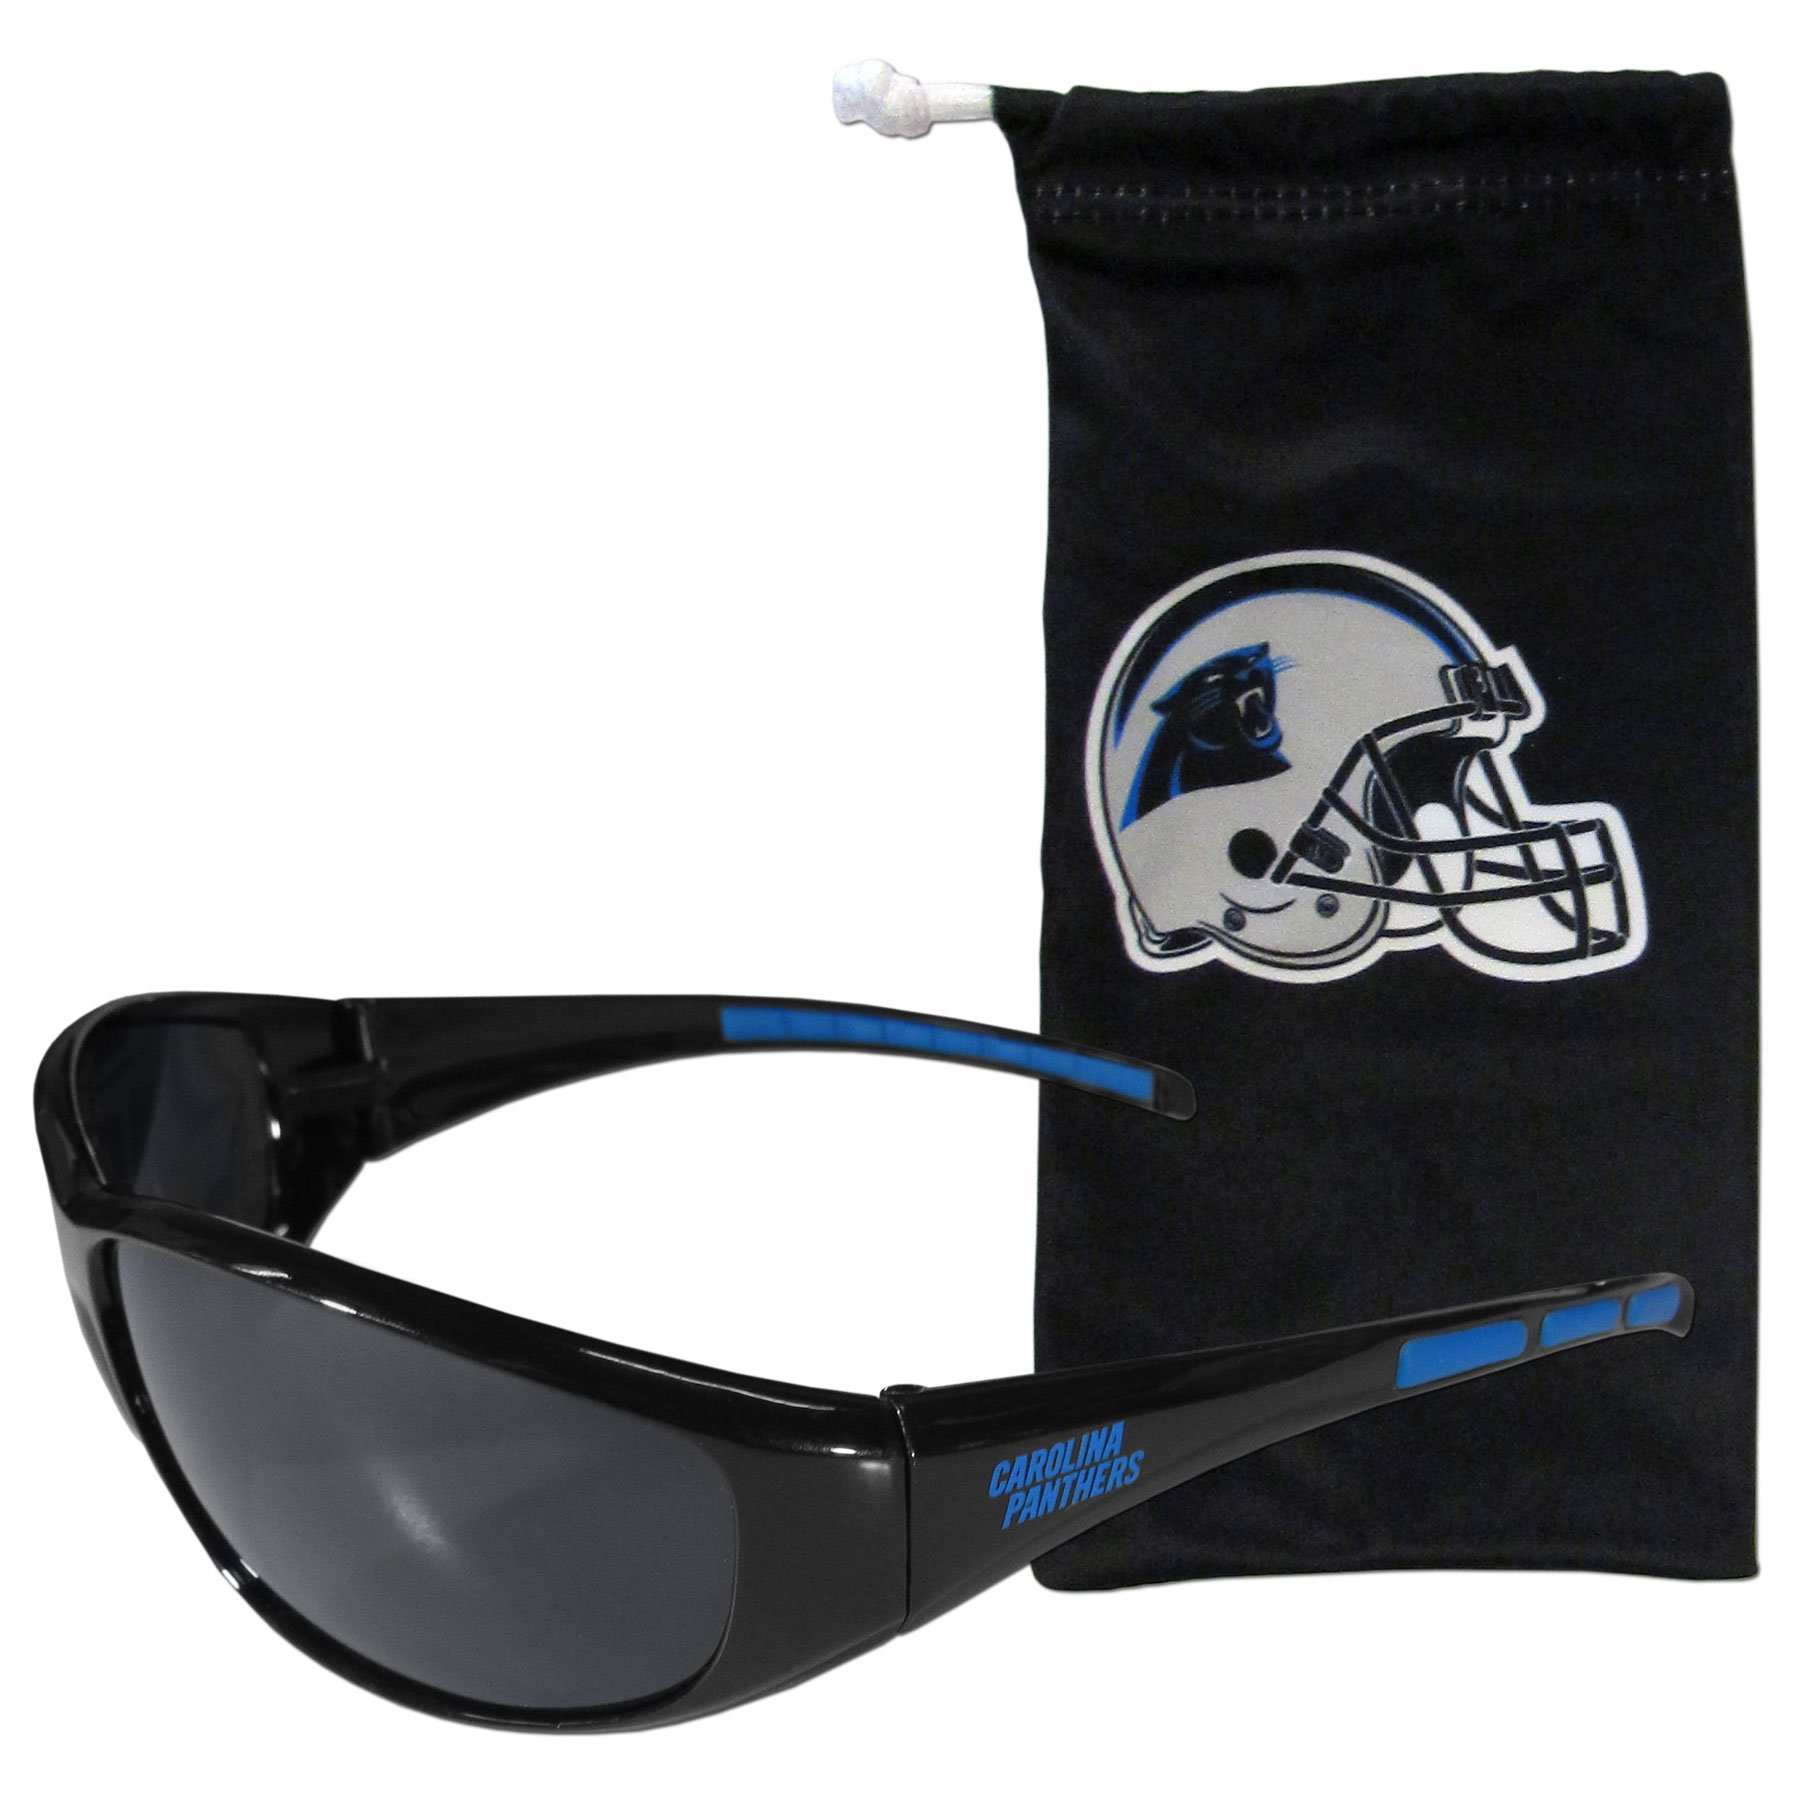 NFL Carolina Panthers Adult Sunglass and Bag Set, Black